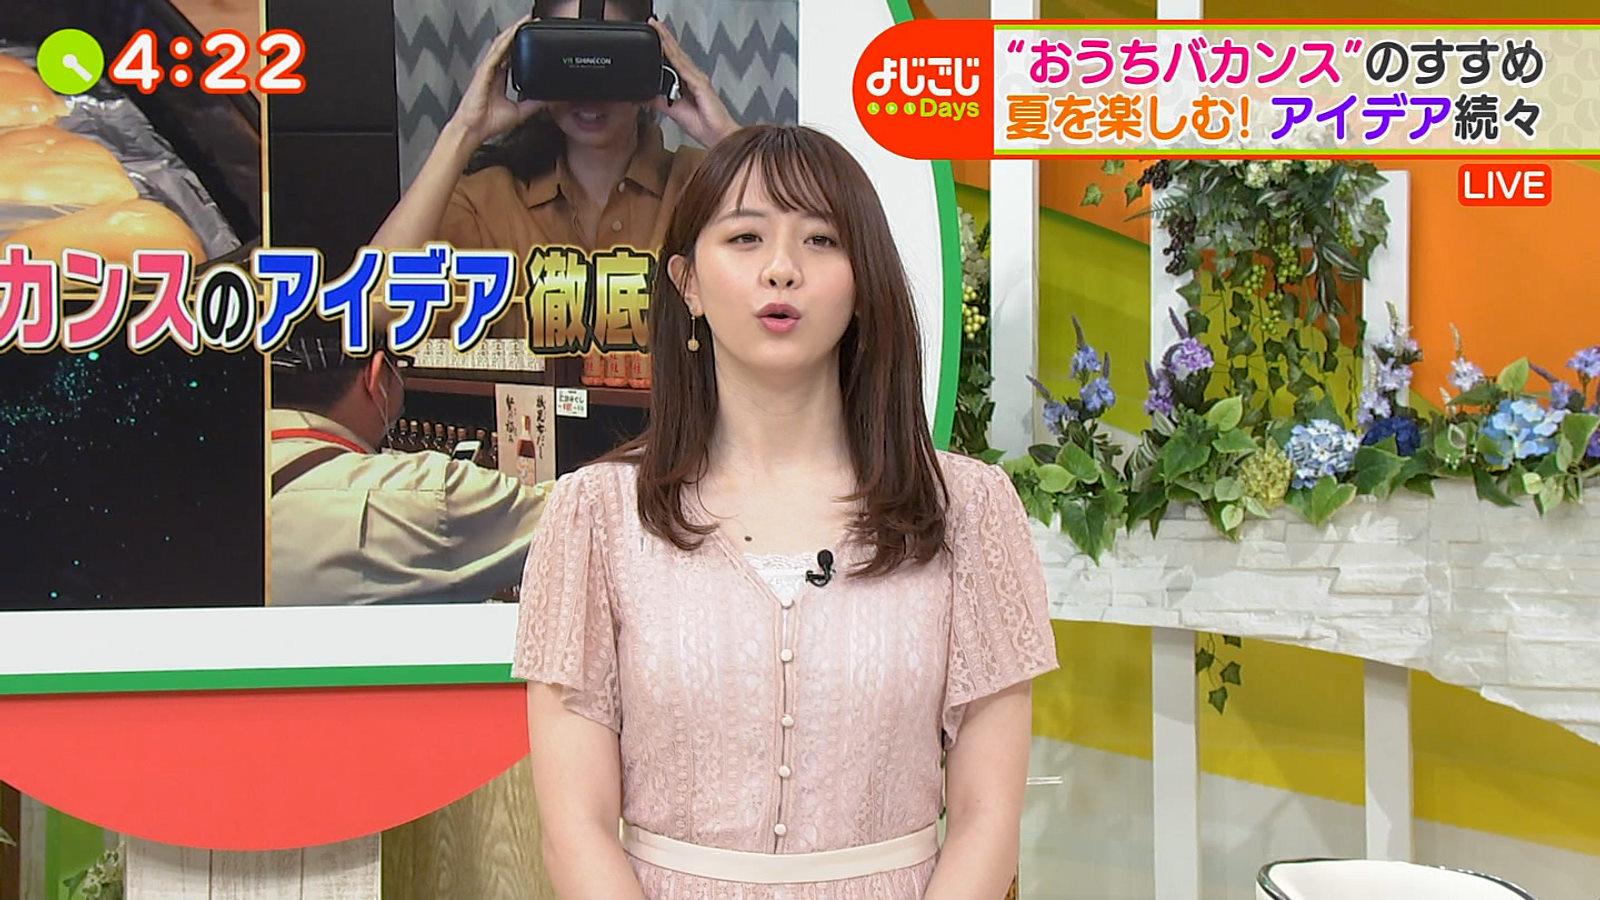 森香澄_女子アナ_おっぱい_乳揺れ_よじごじDAYS_26